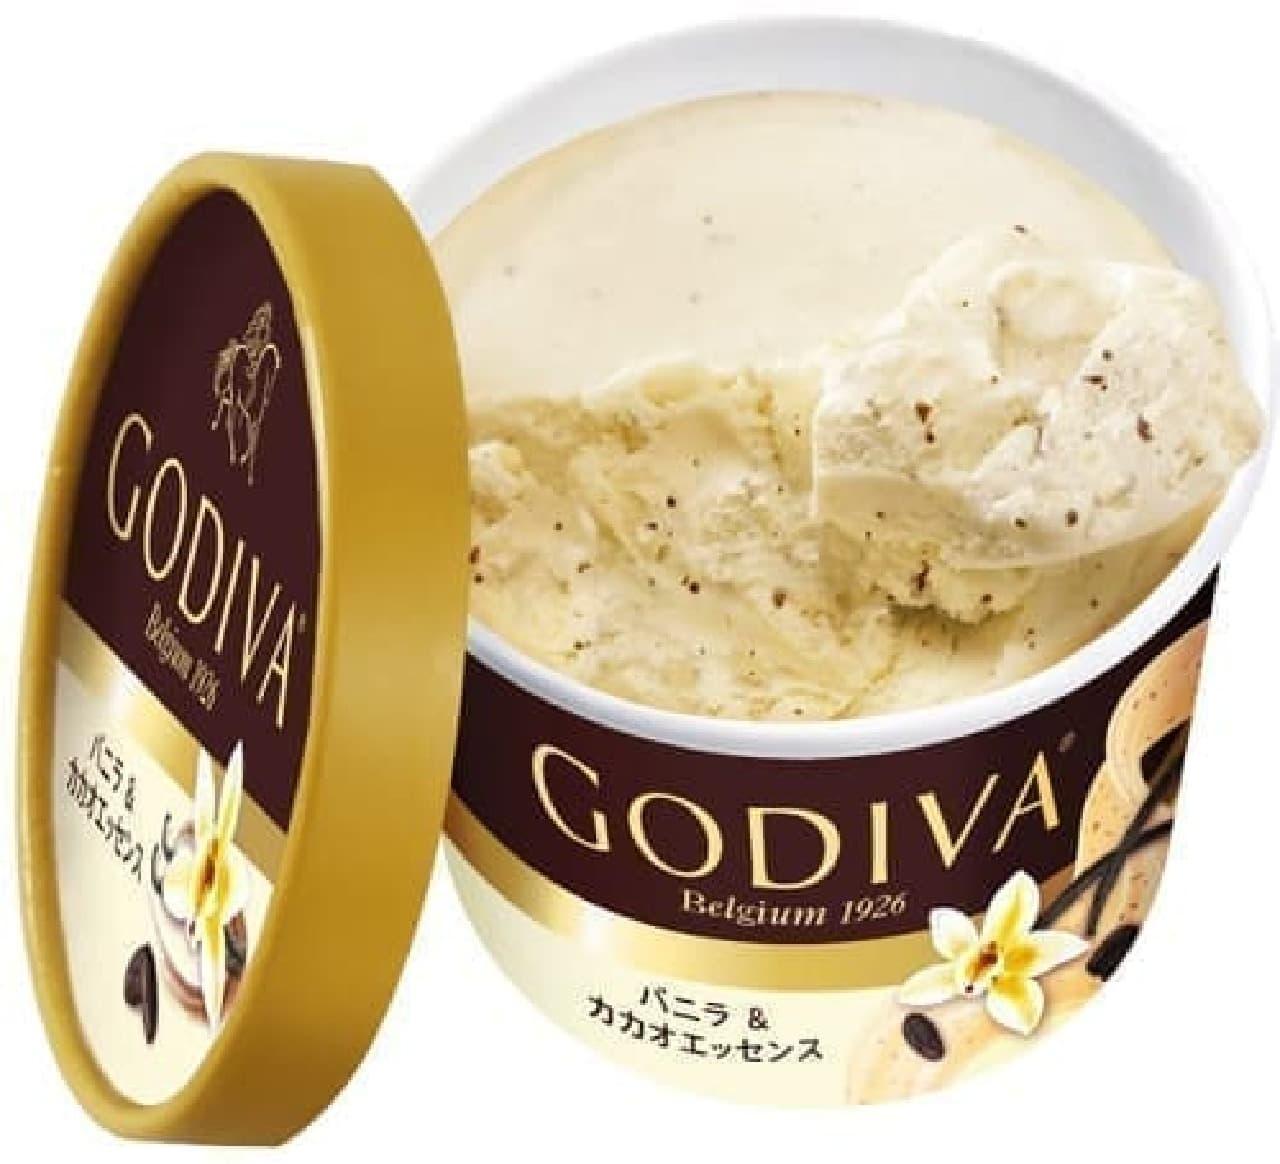 ゴディバ「カップアイス バニラ&カカオエッセンス」